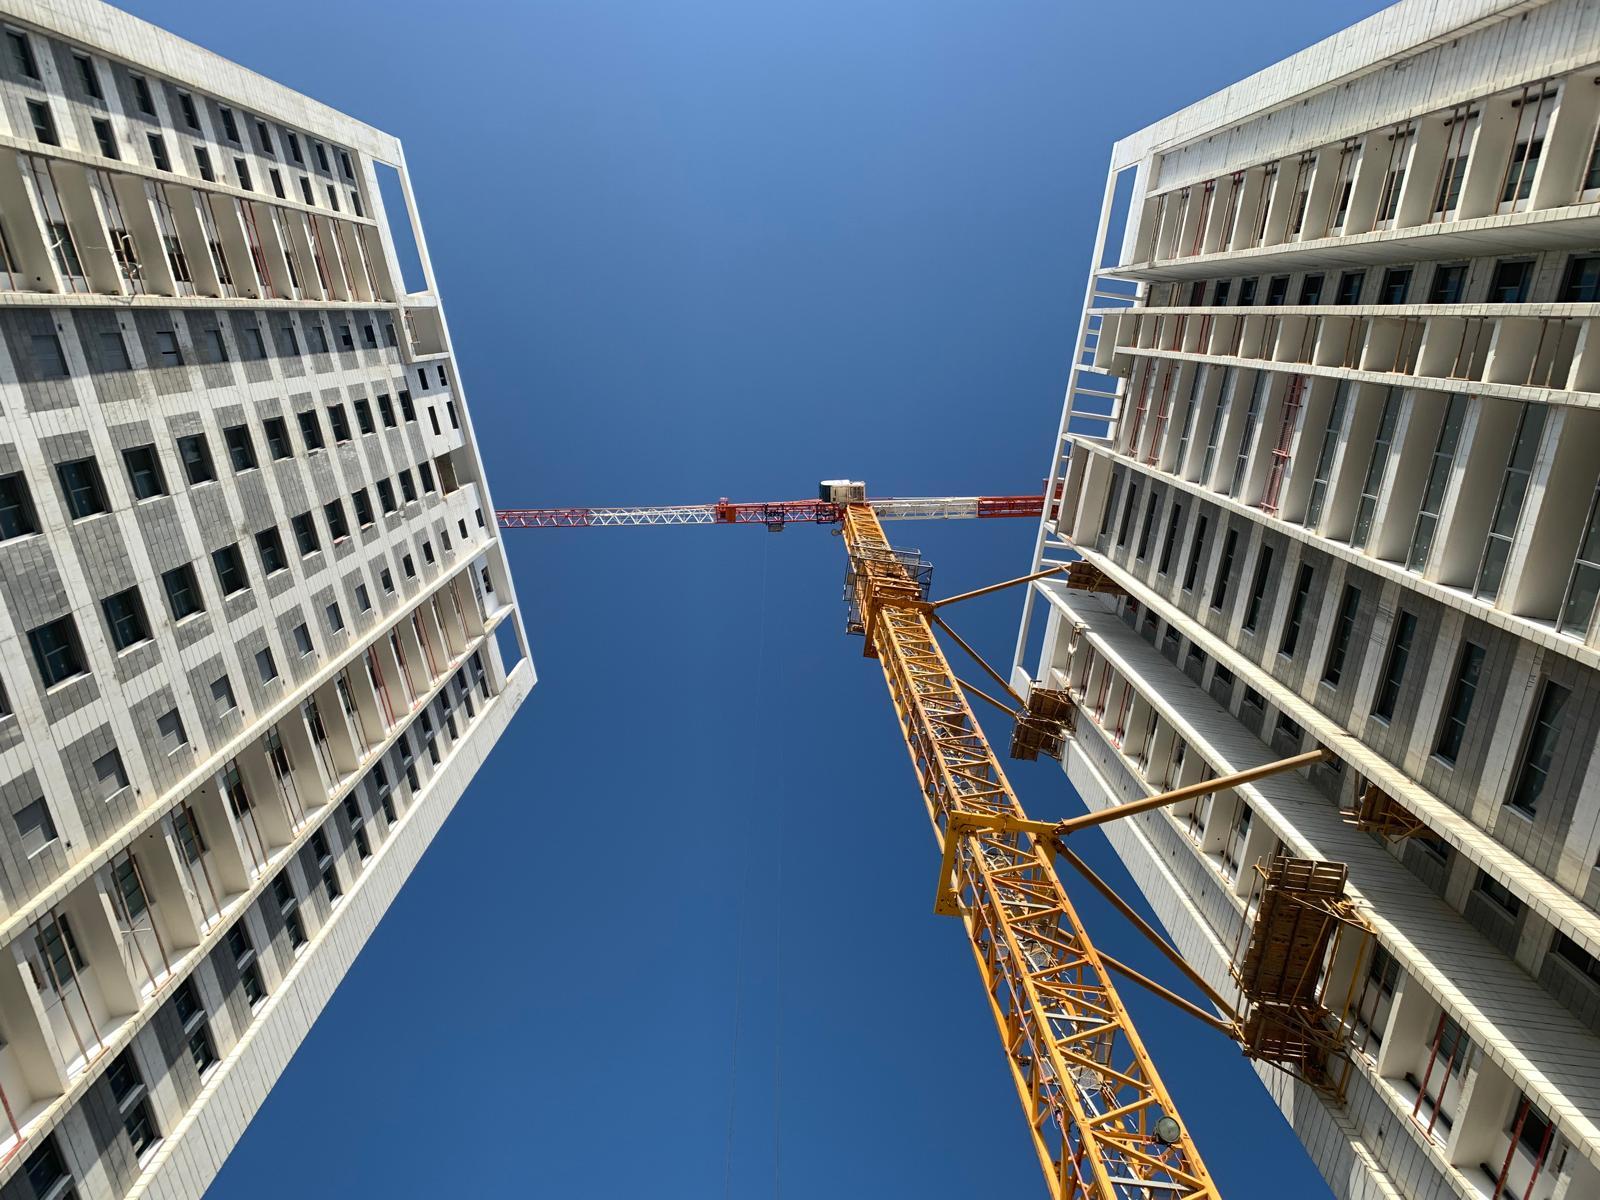 עבודות סיום מערכות, טיח וריצוף גגות. 08.07.2021